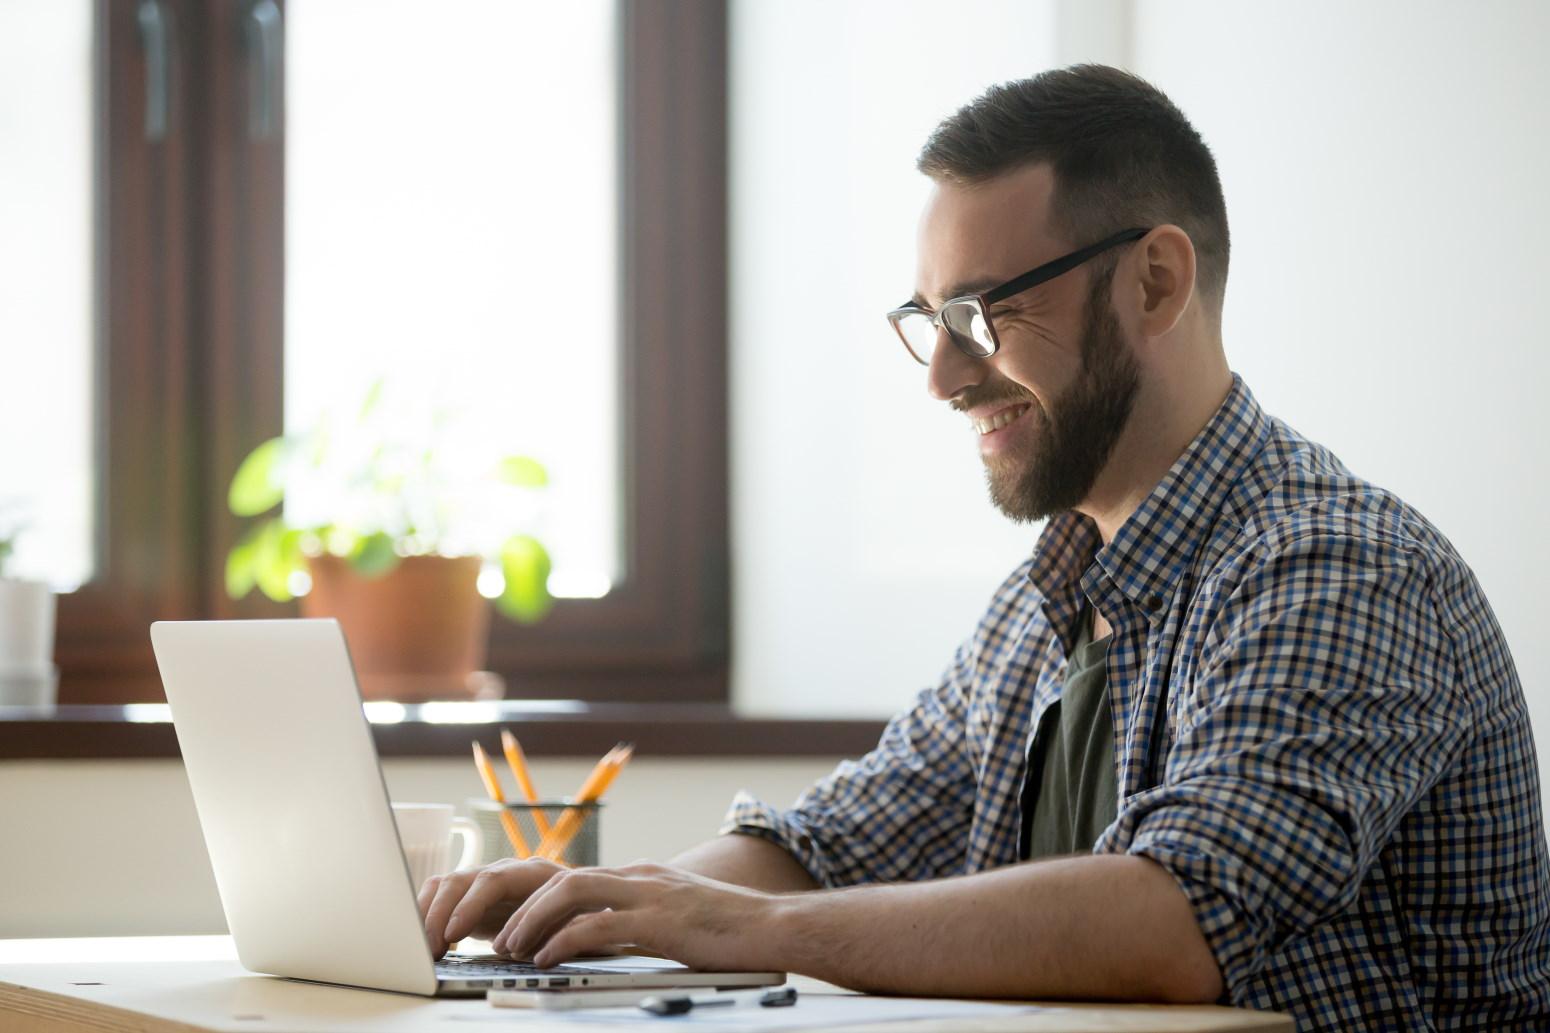 Dobry laptop dla biznesmenów powinien oferować świetną wydajność w dosłownie każdych zastanych warunkach i okolicznościach